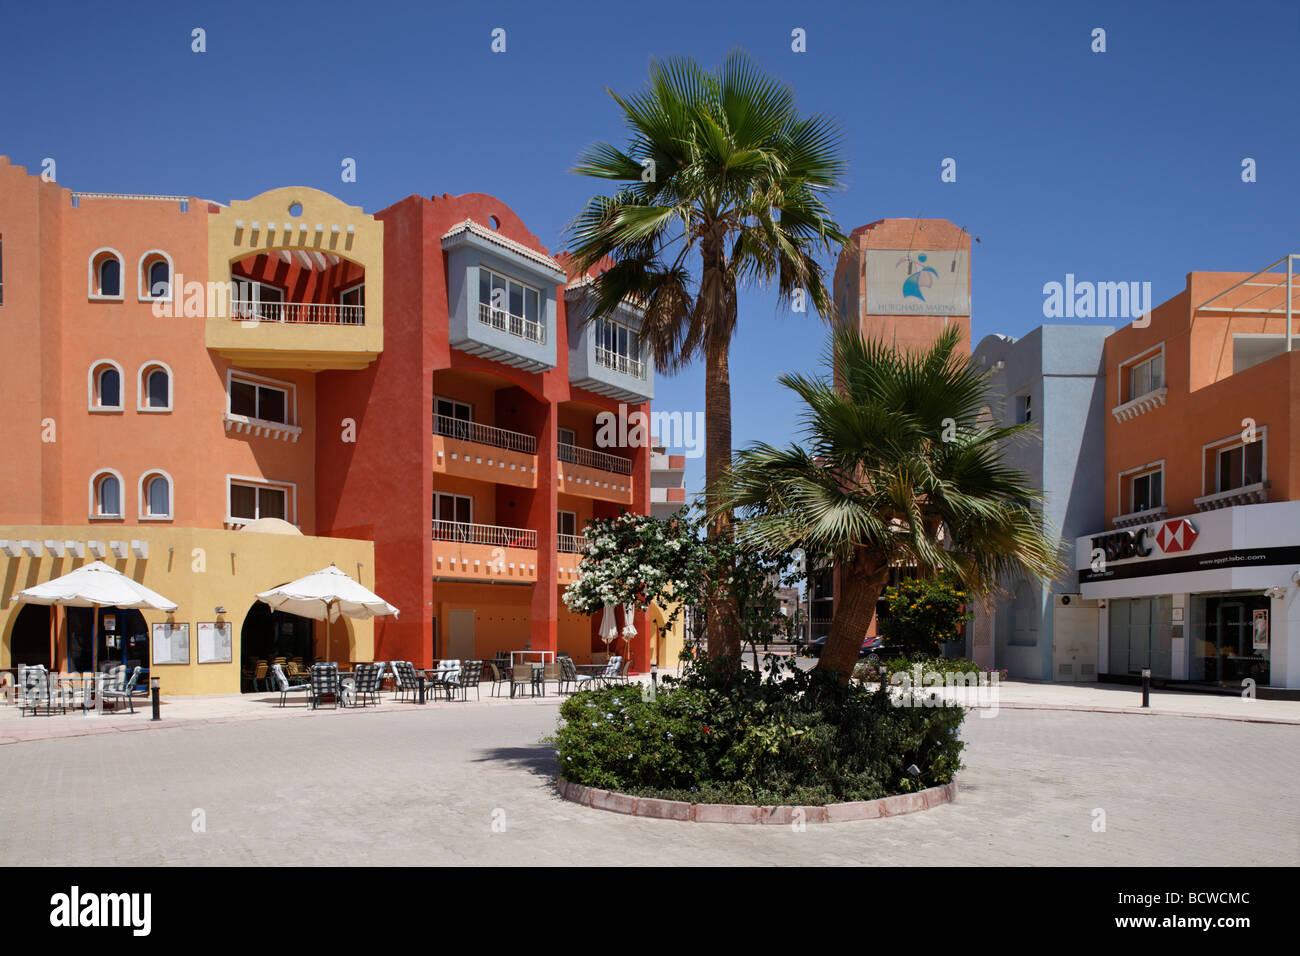 Maisons avec des restaurants, des palmiers, Marina, Hurghada, Egypte, Mer Rouge, Afrique Photo Stock